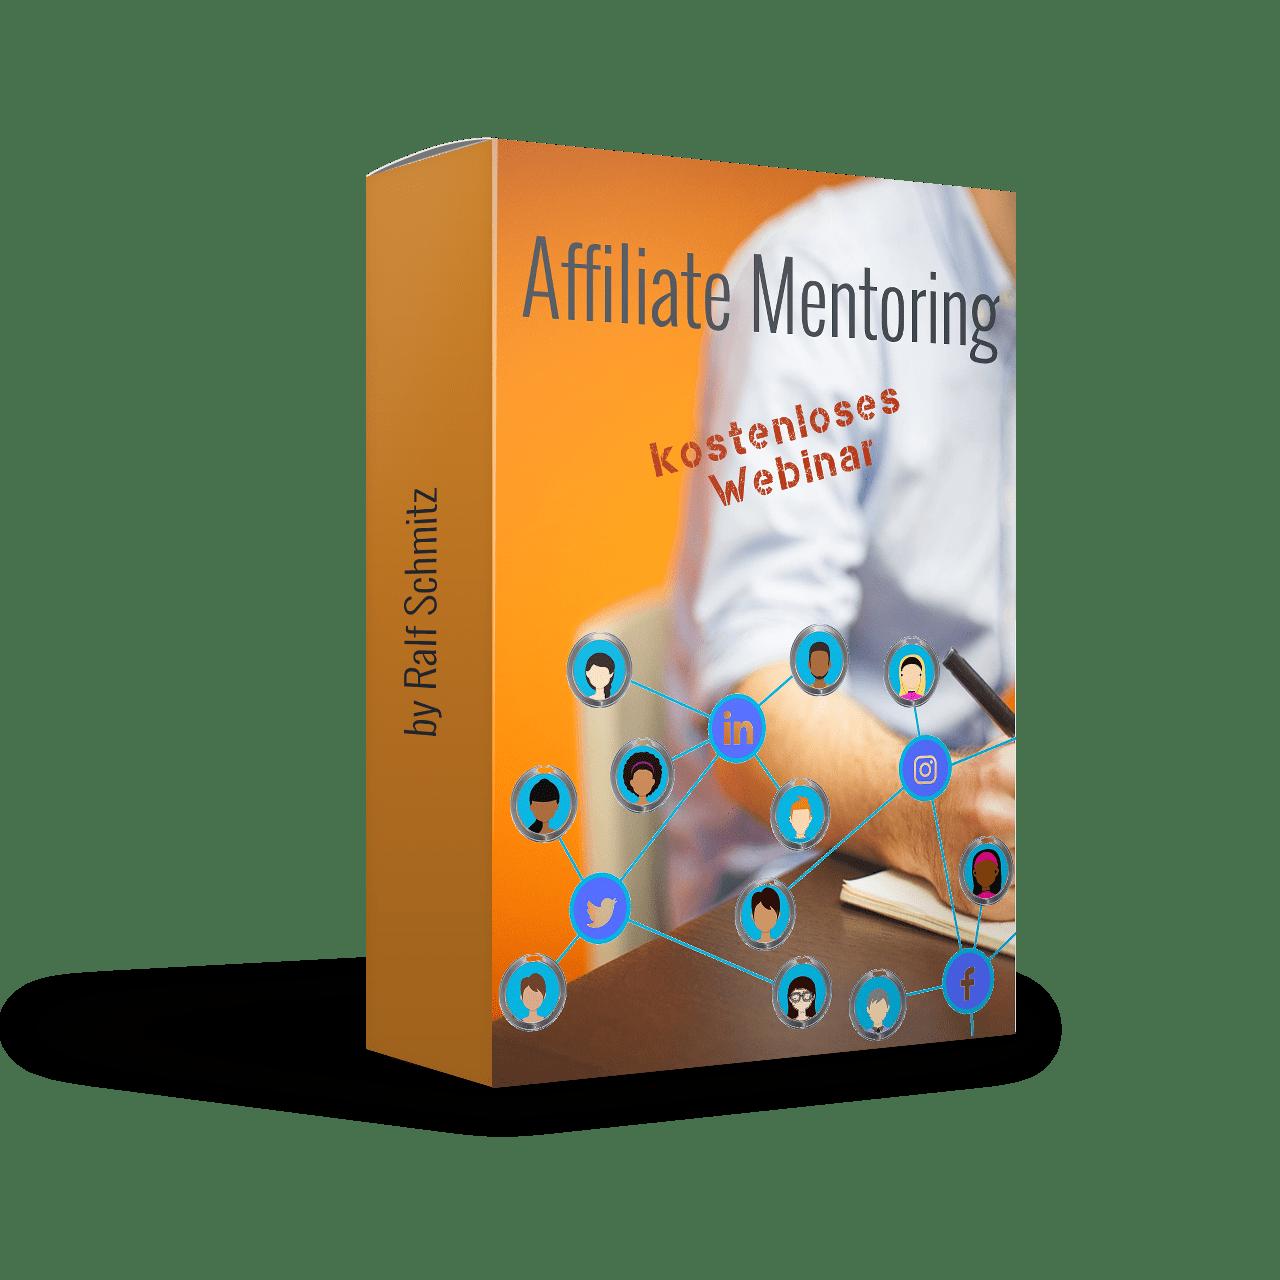 Affiliate Mentoring Webinar 2019 von Ralf Schmitz